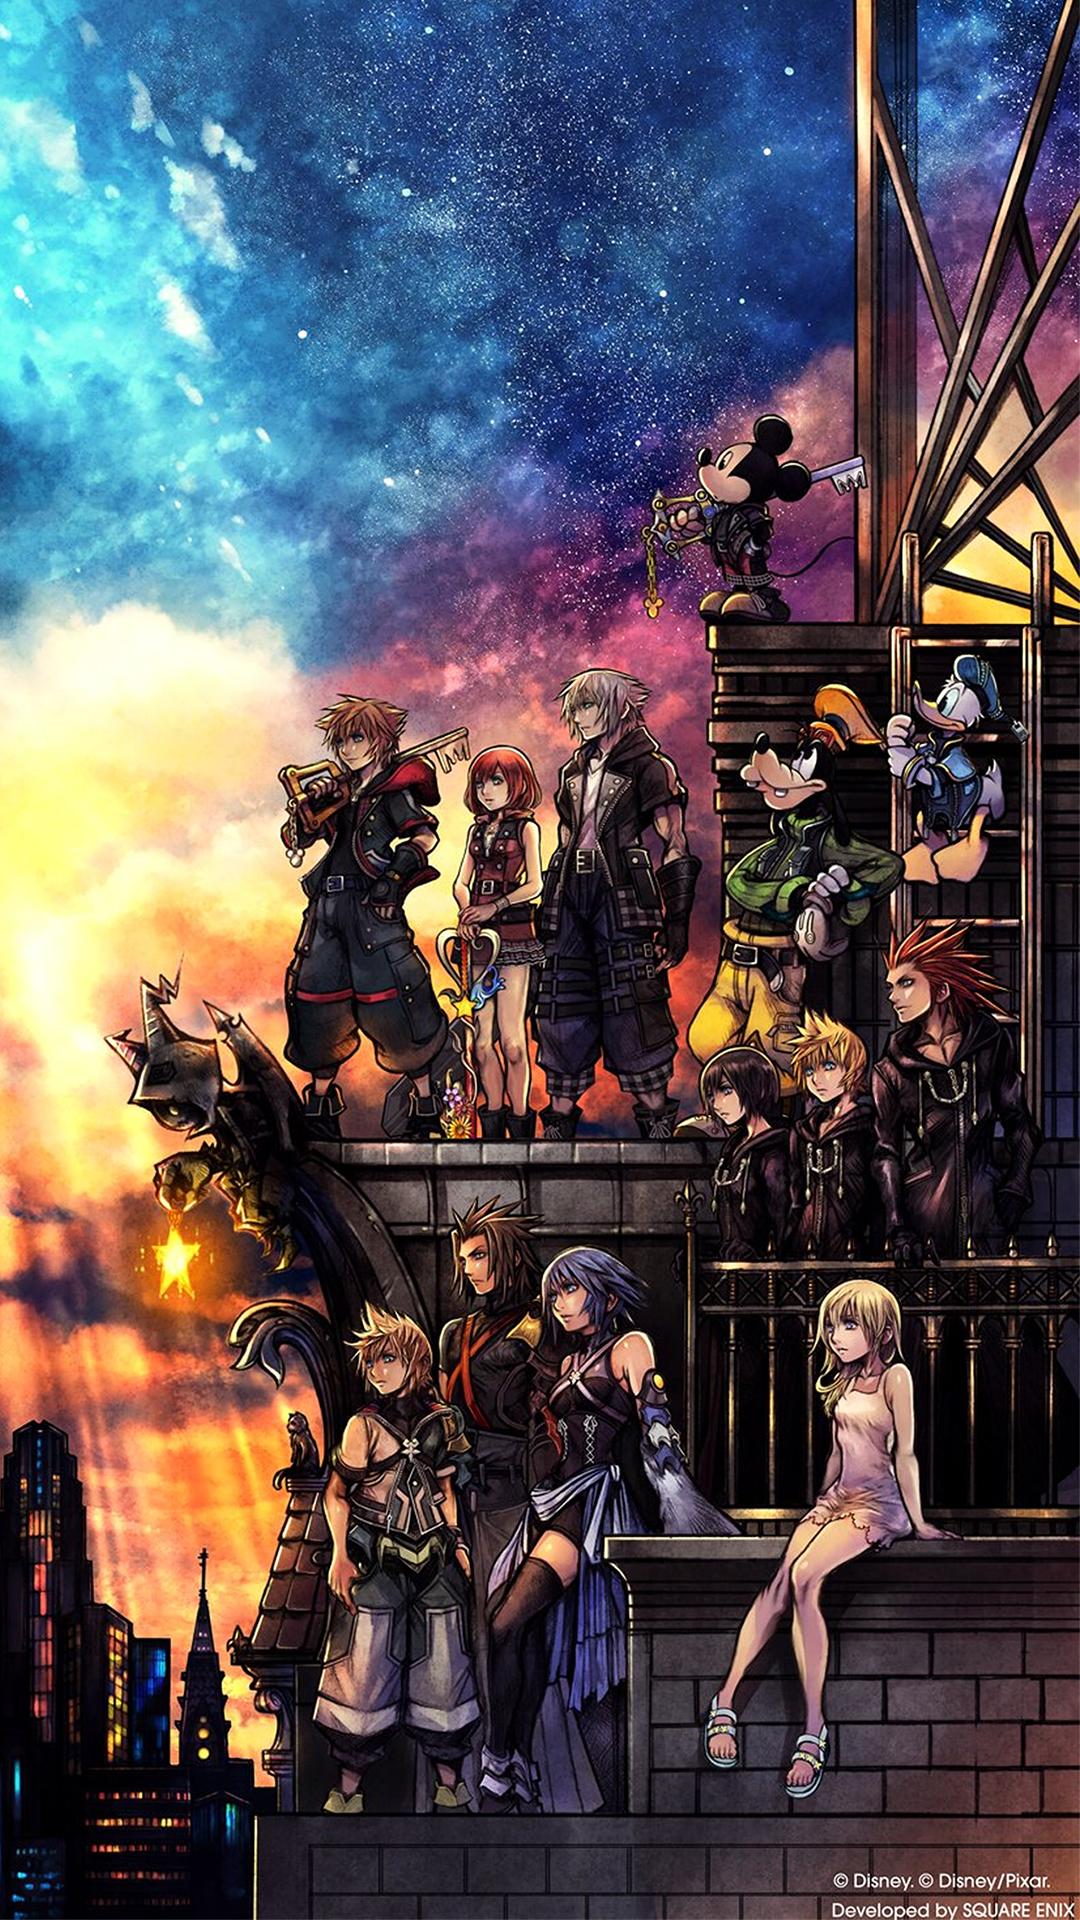 Custom Wallpaper Iphone 6 Kingdom Hearts Iii Wallpaper Cover Art Wallpaper Cat